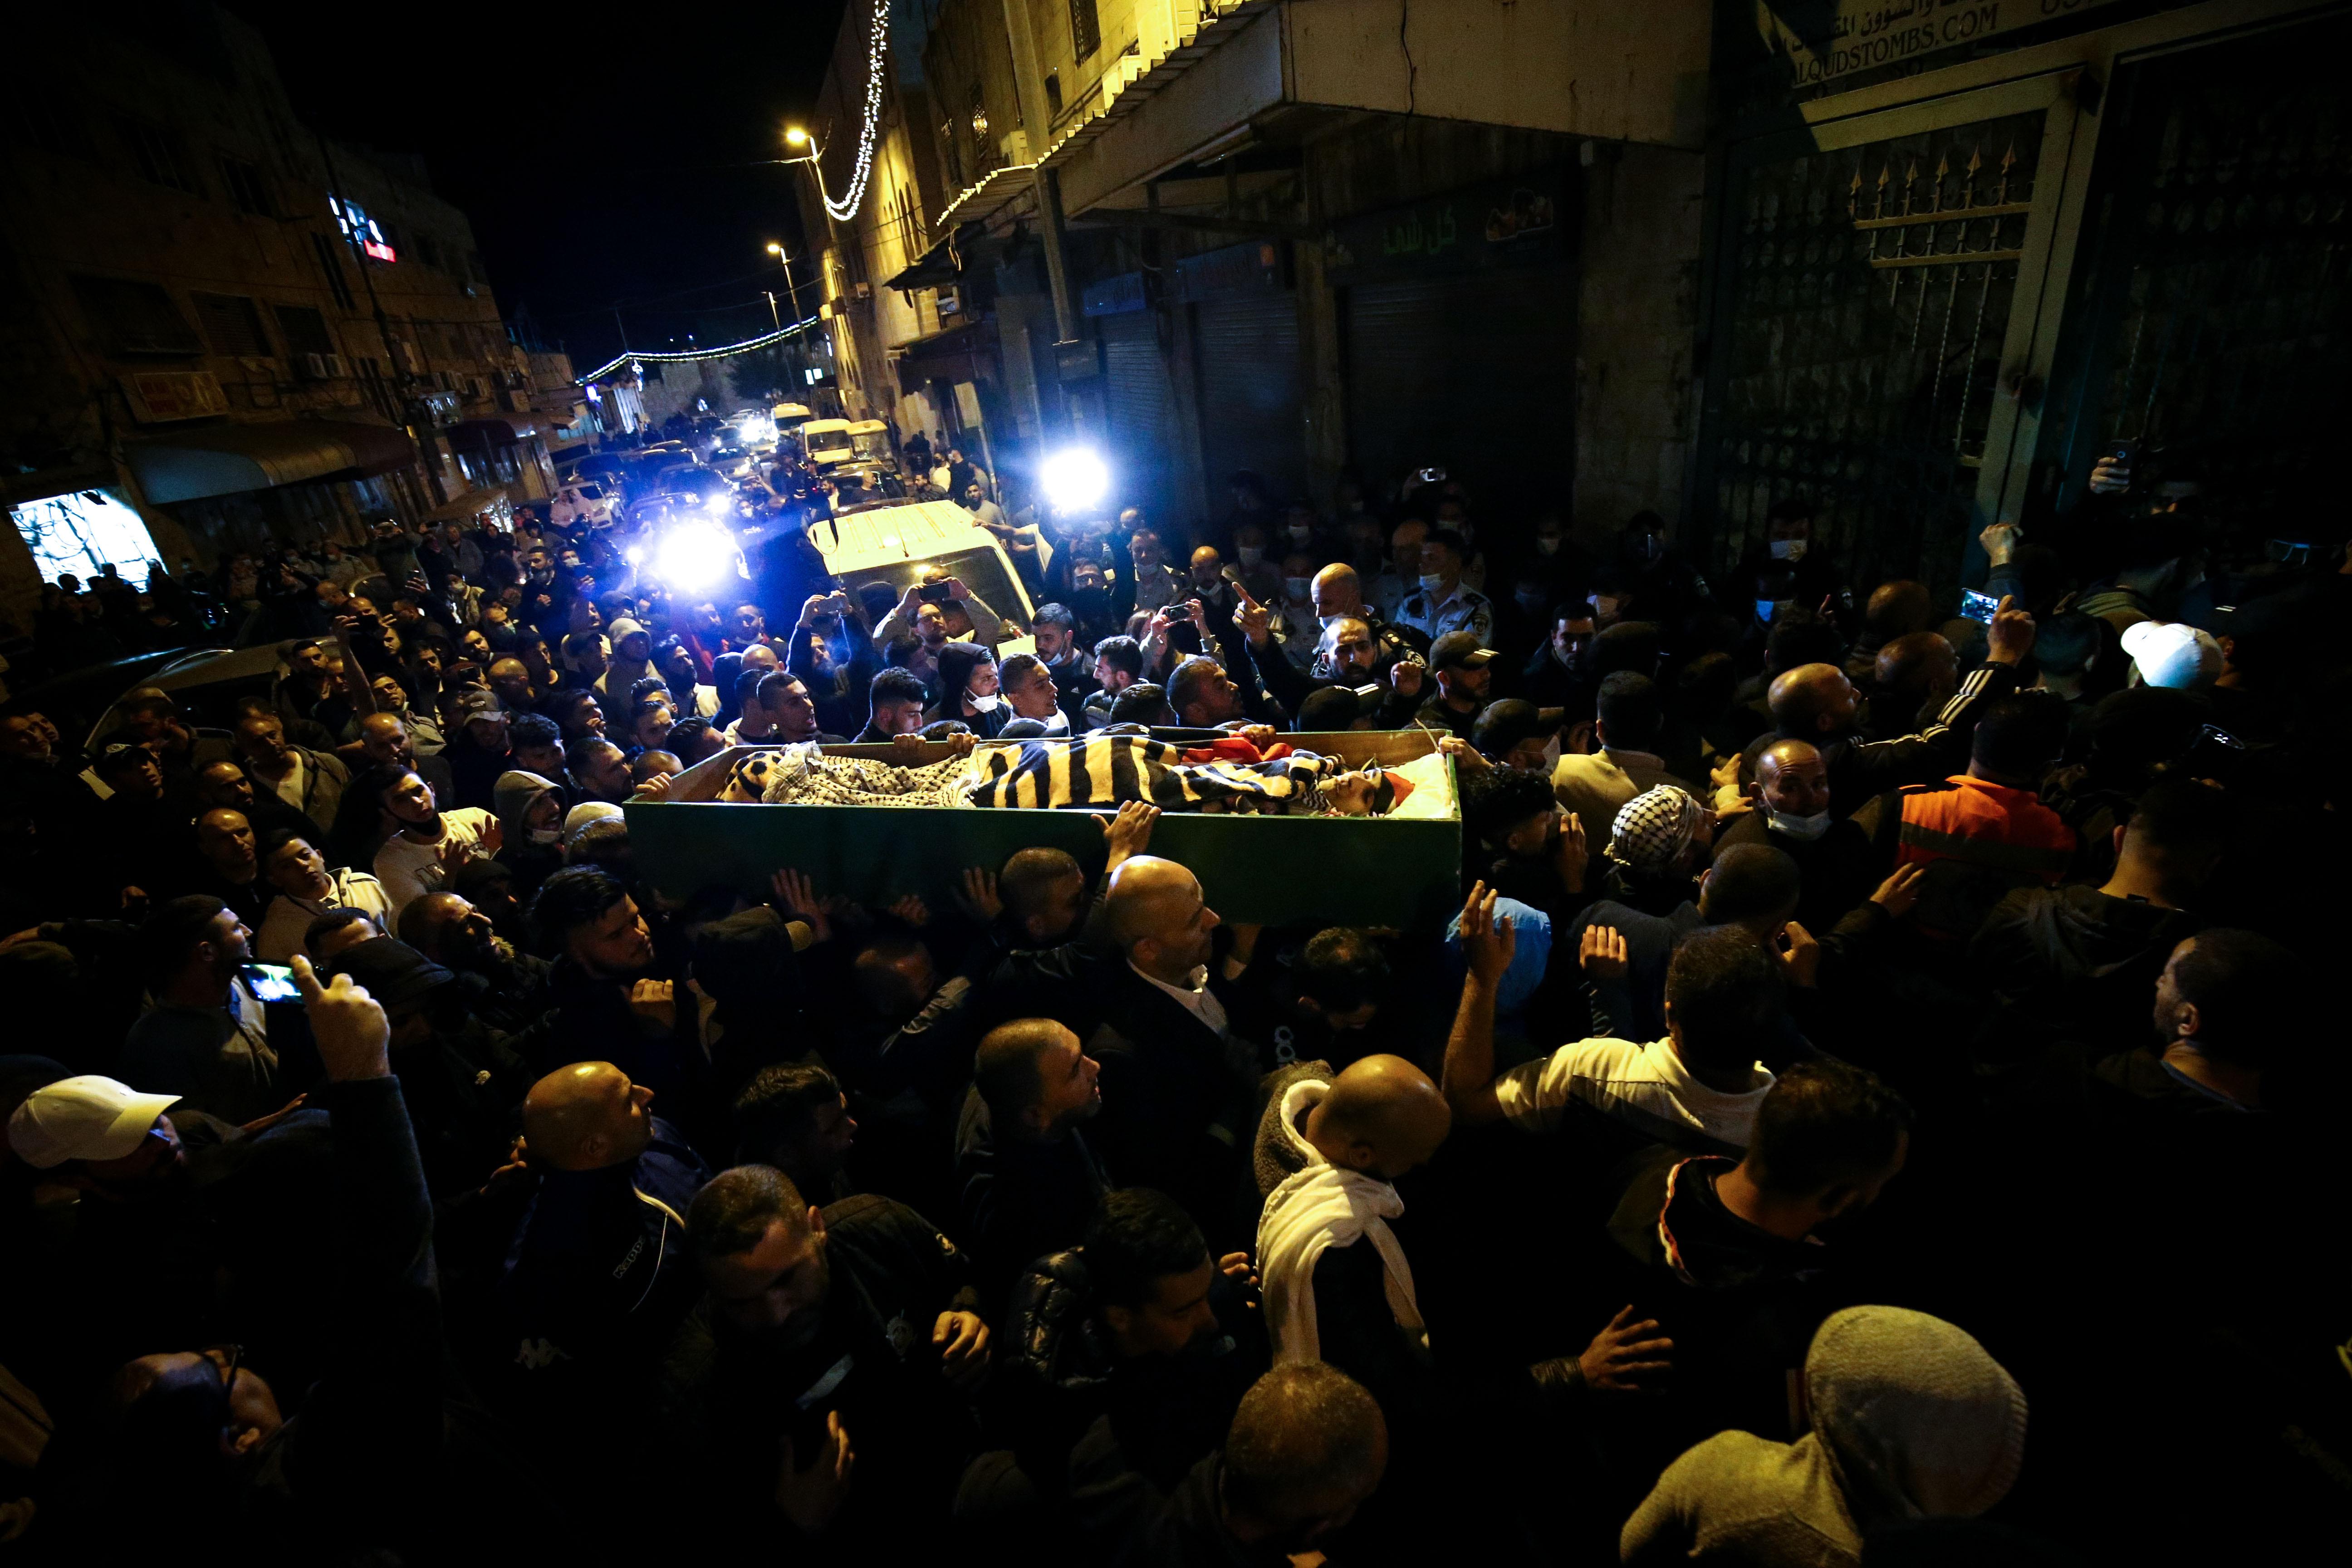 Több százan demonstráltak egy ártatlanul lelőtt autista palesztin férfi temetésén Kelet-Jeruzsálemben